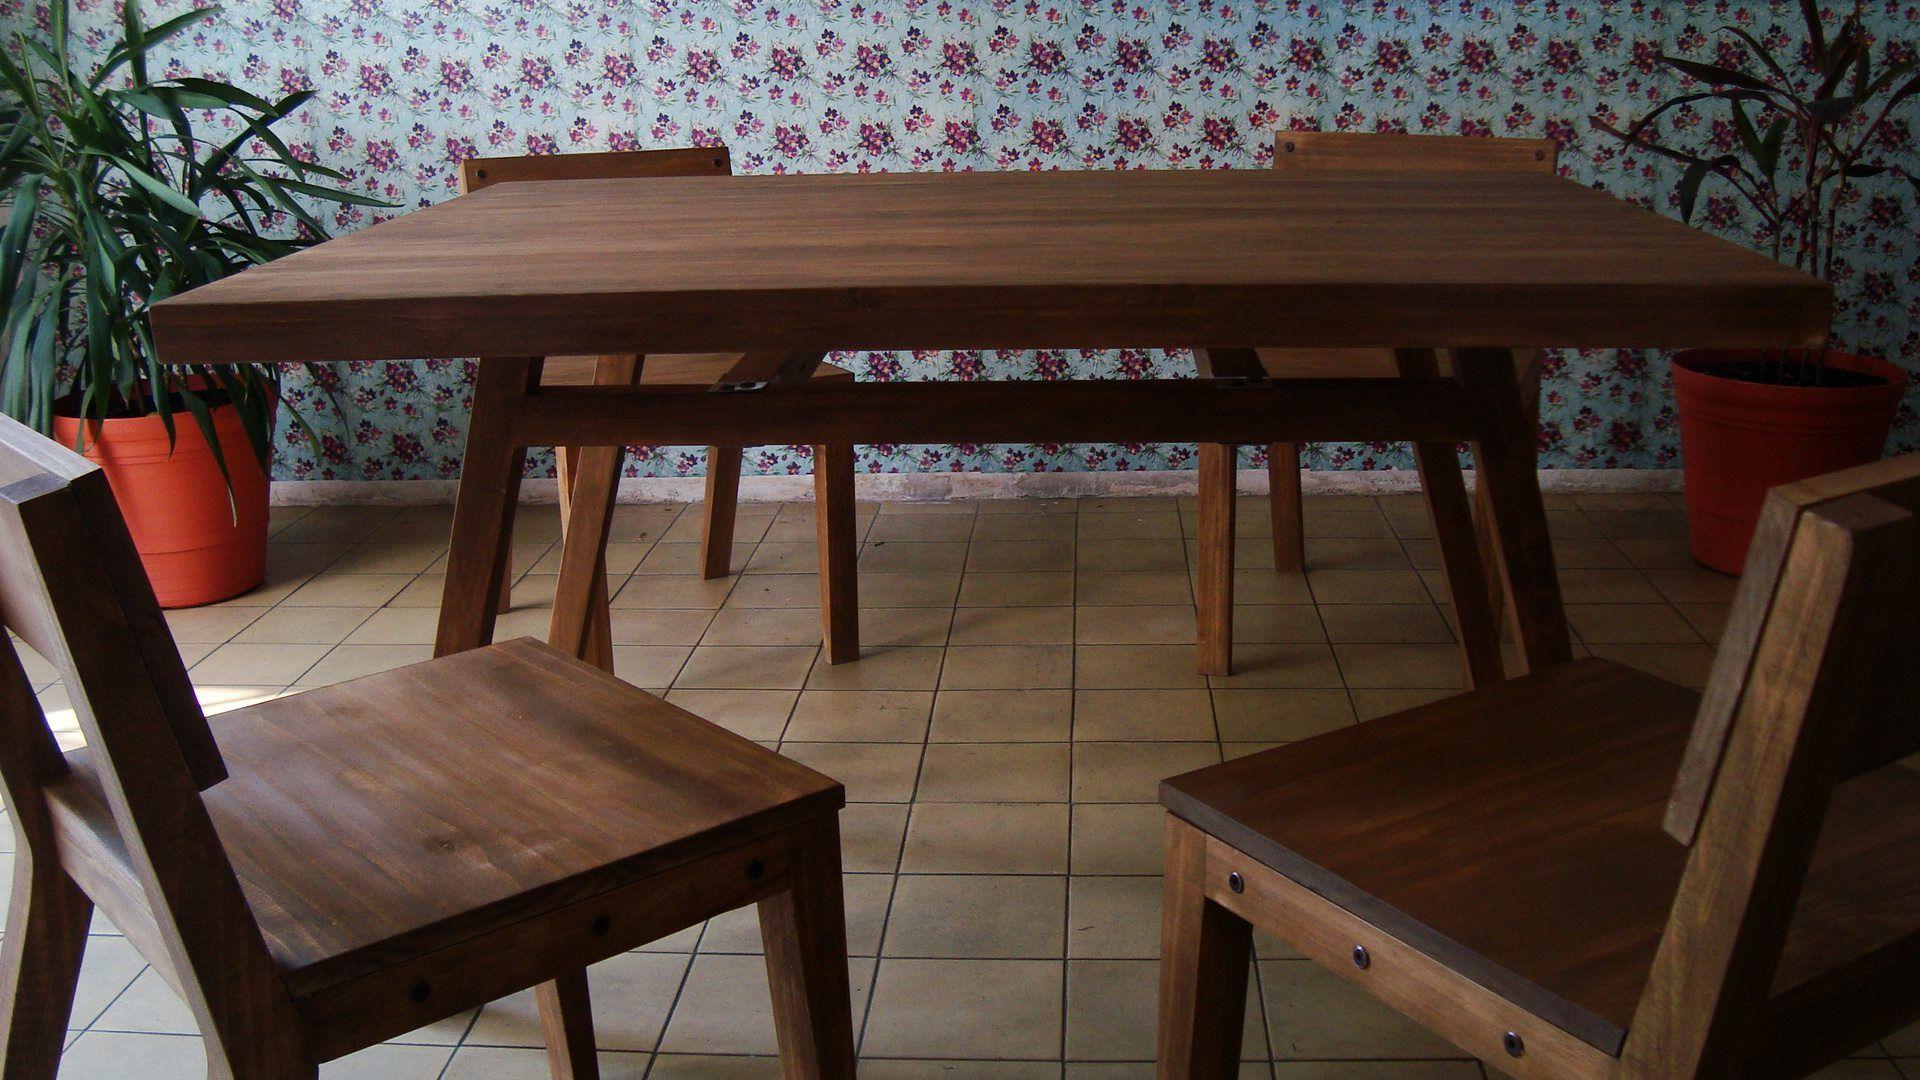 caché table. Lilk muebles